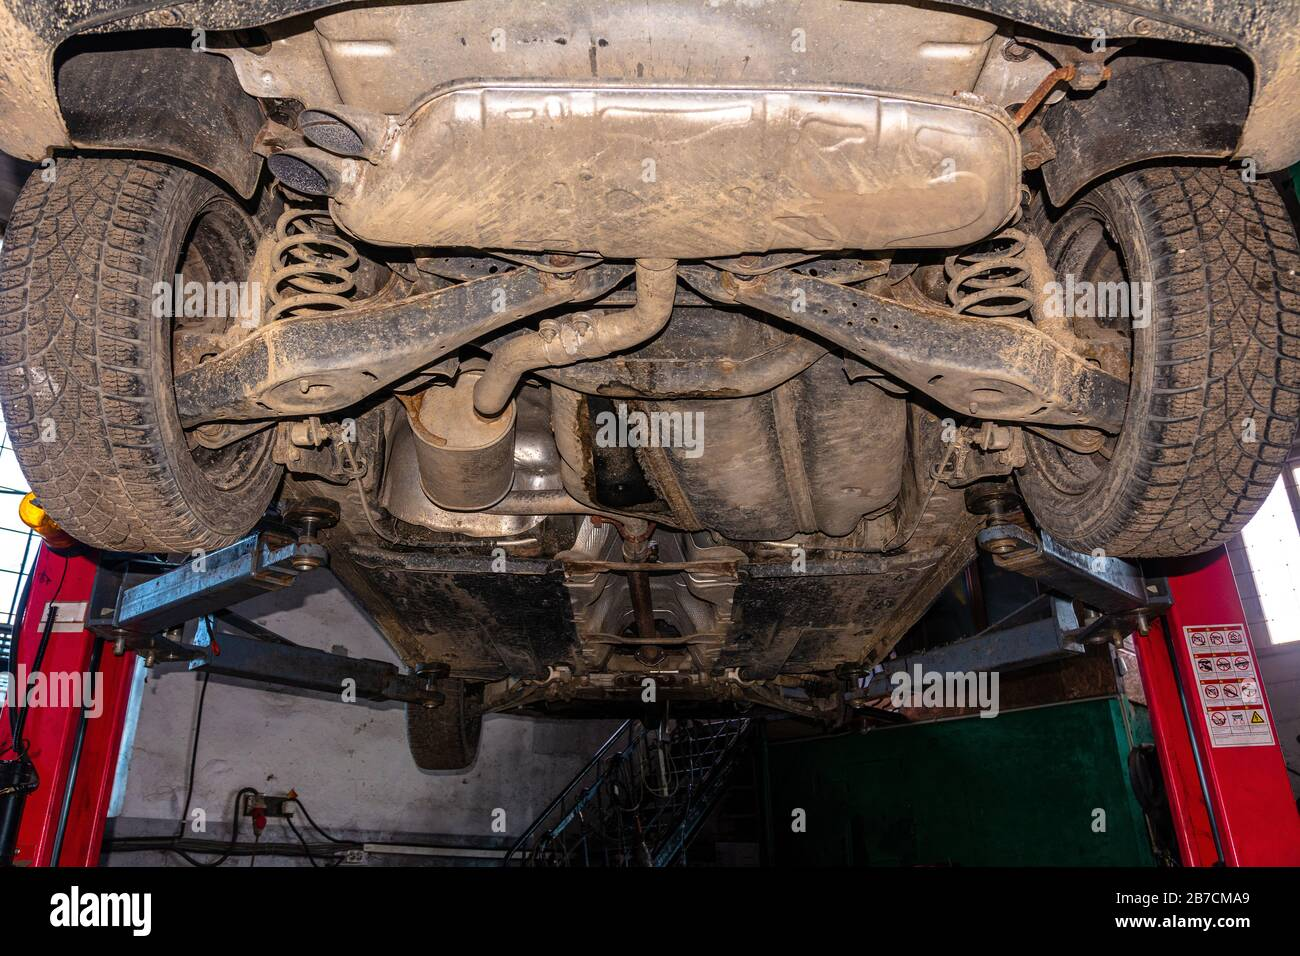 Vue de dessous de la voiture pour l'entretien programmé à la station de bus Lift 2020 Banque D'Images